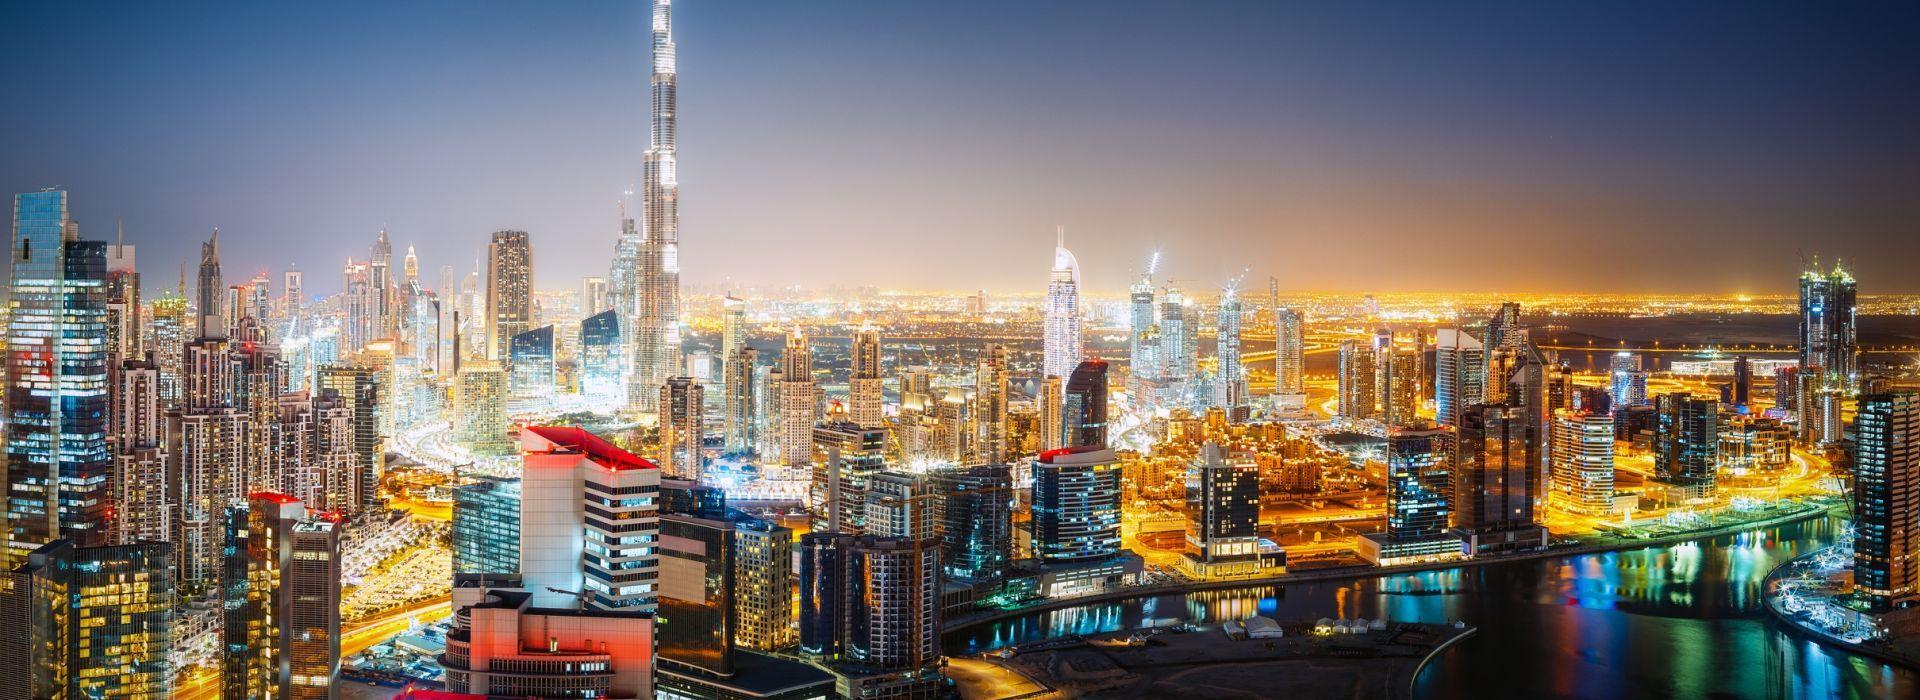 Sightseeing Tours in Burj Khalifa